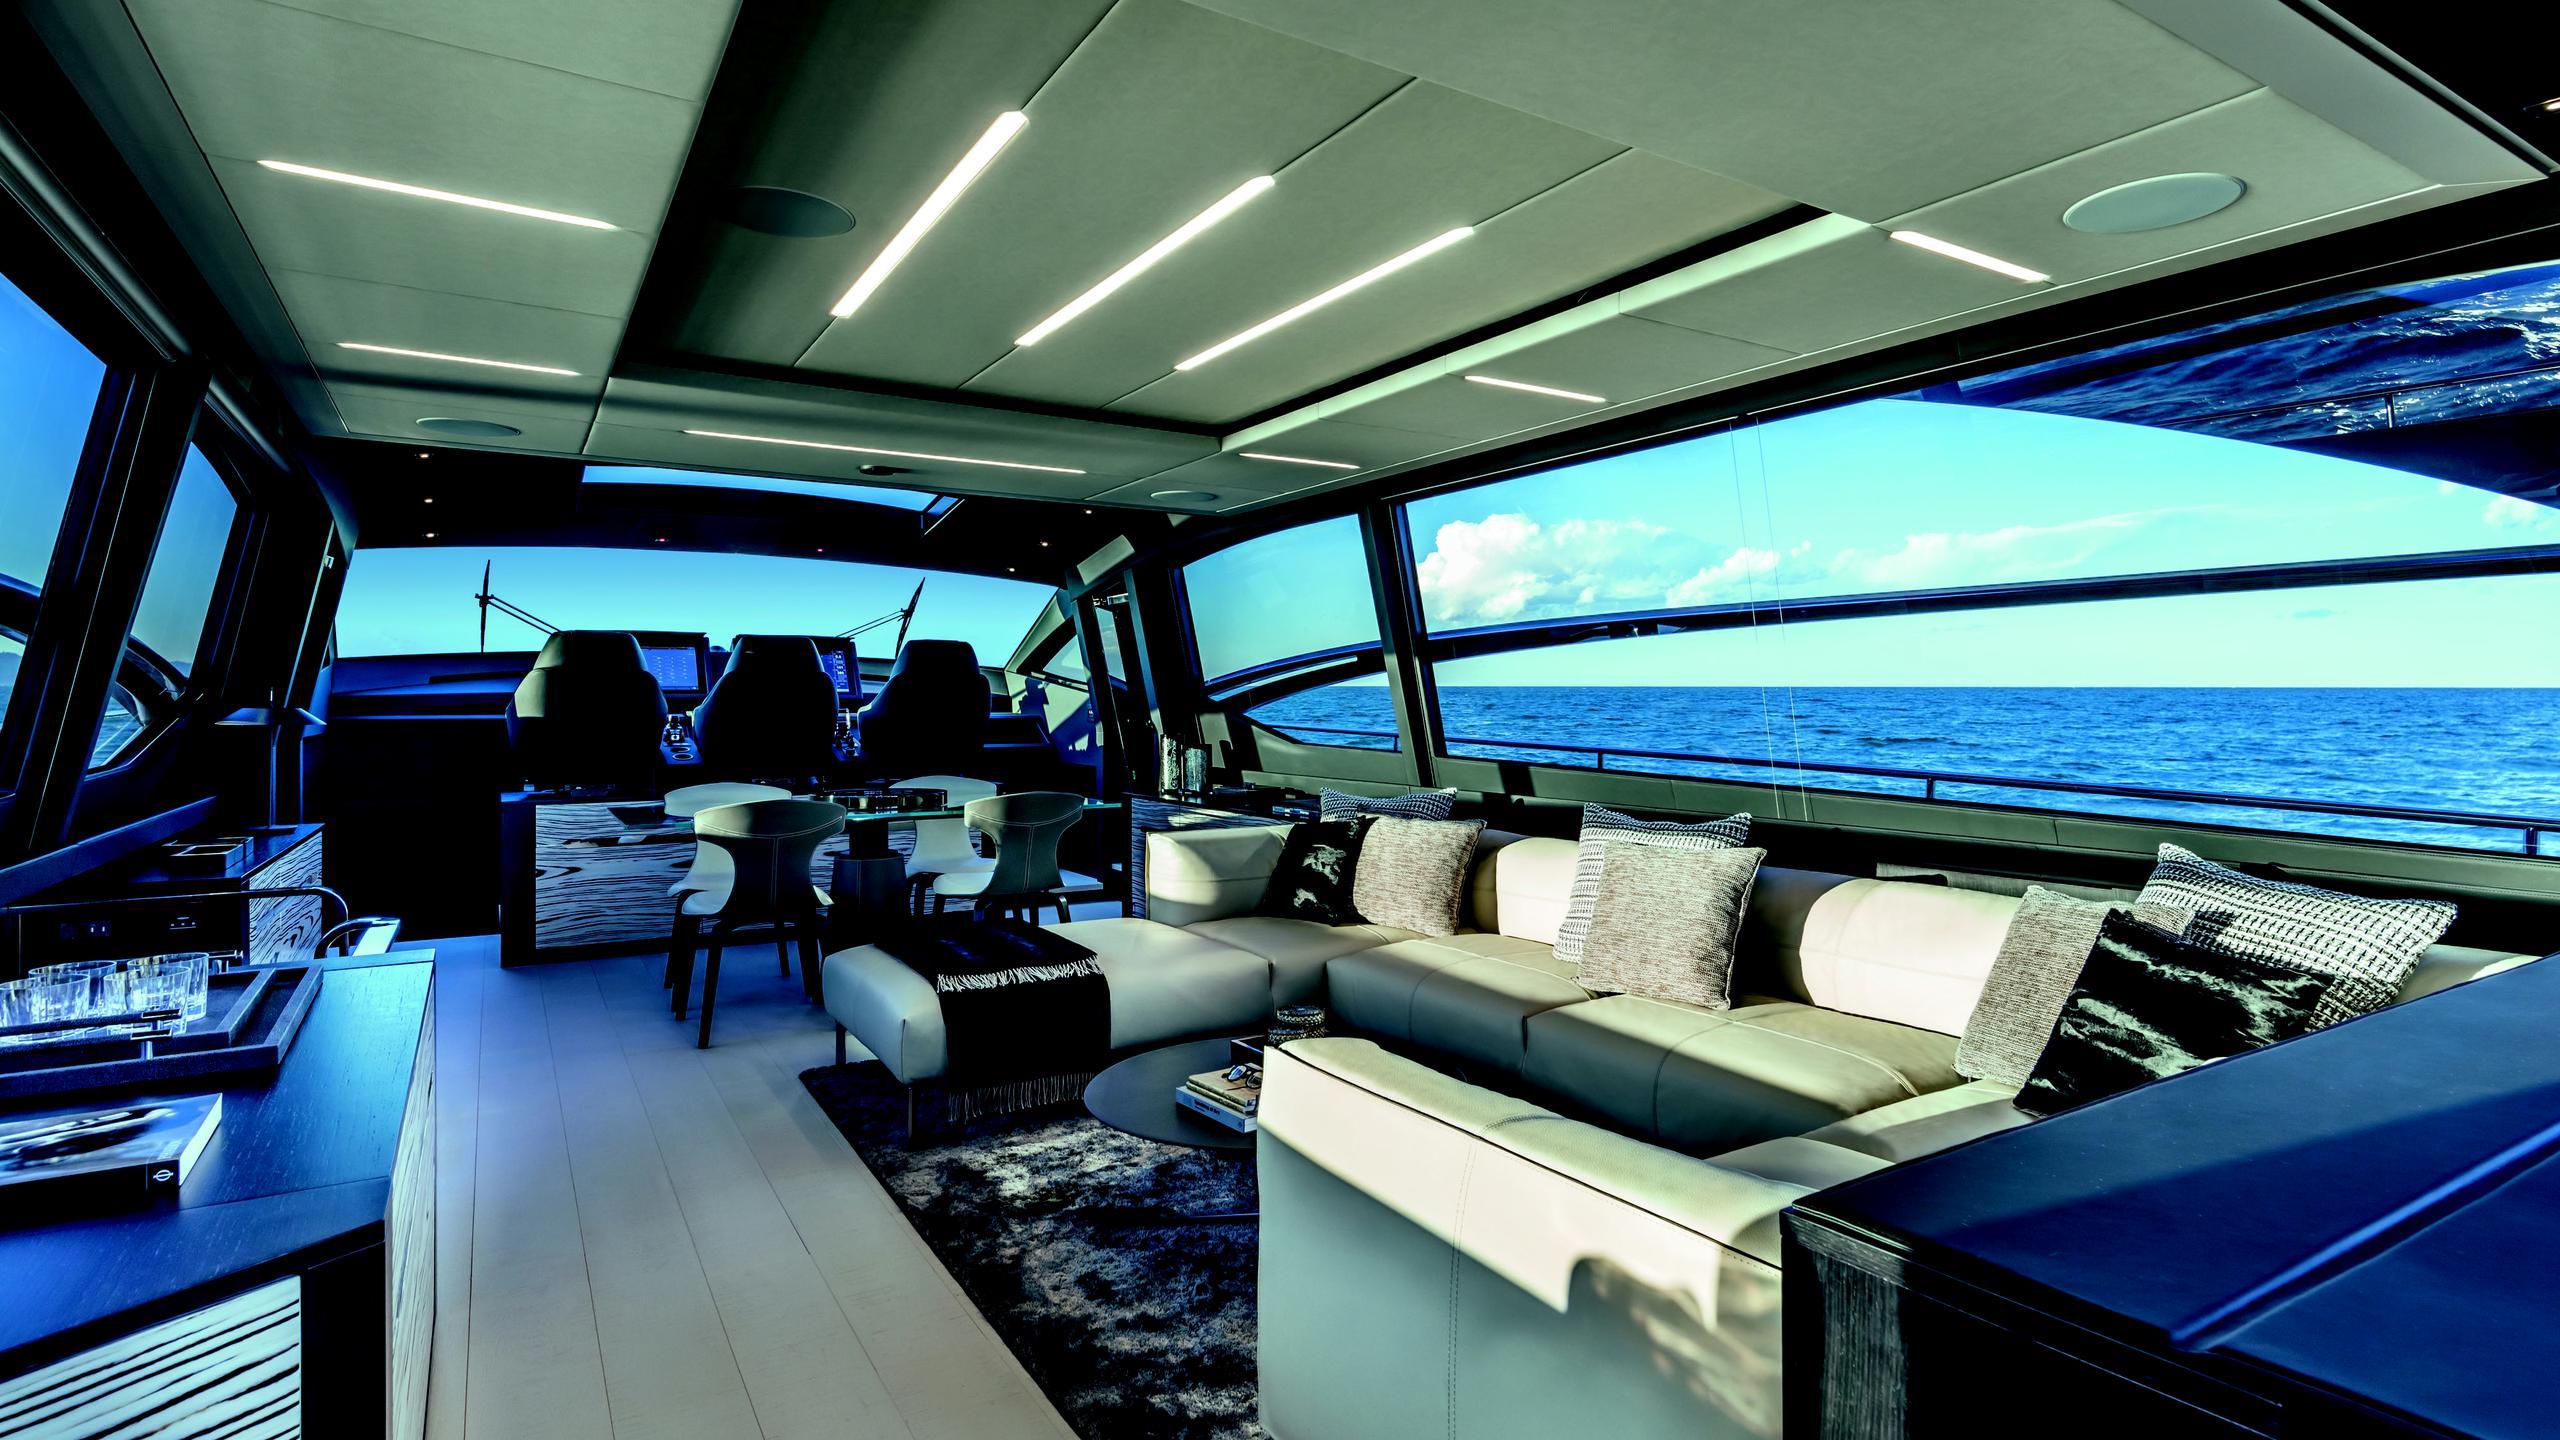 pershing 8x motoryacht pershing 25m 2019 saloon